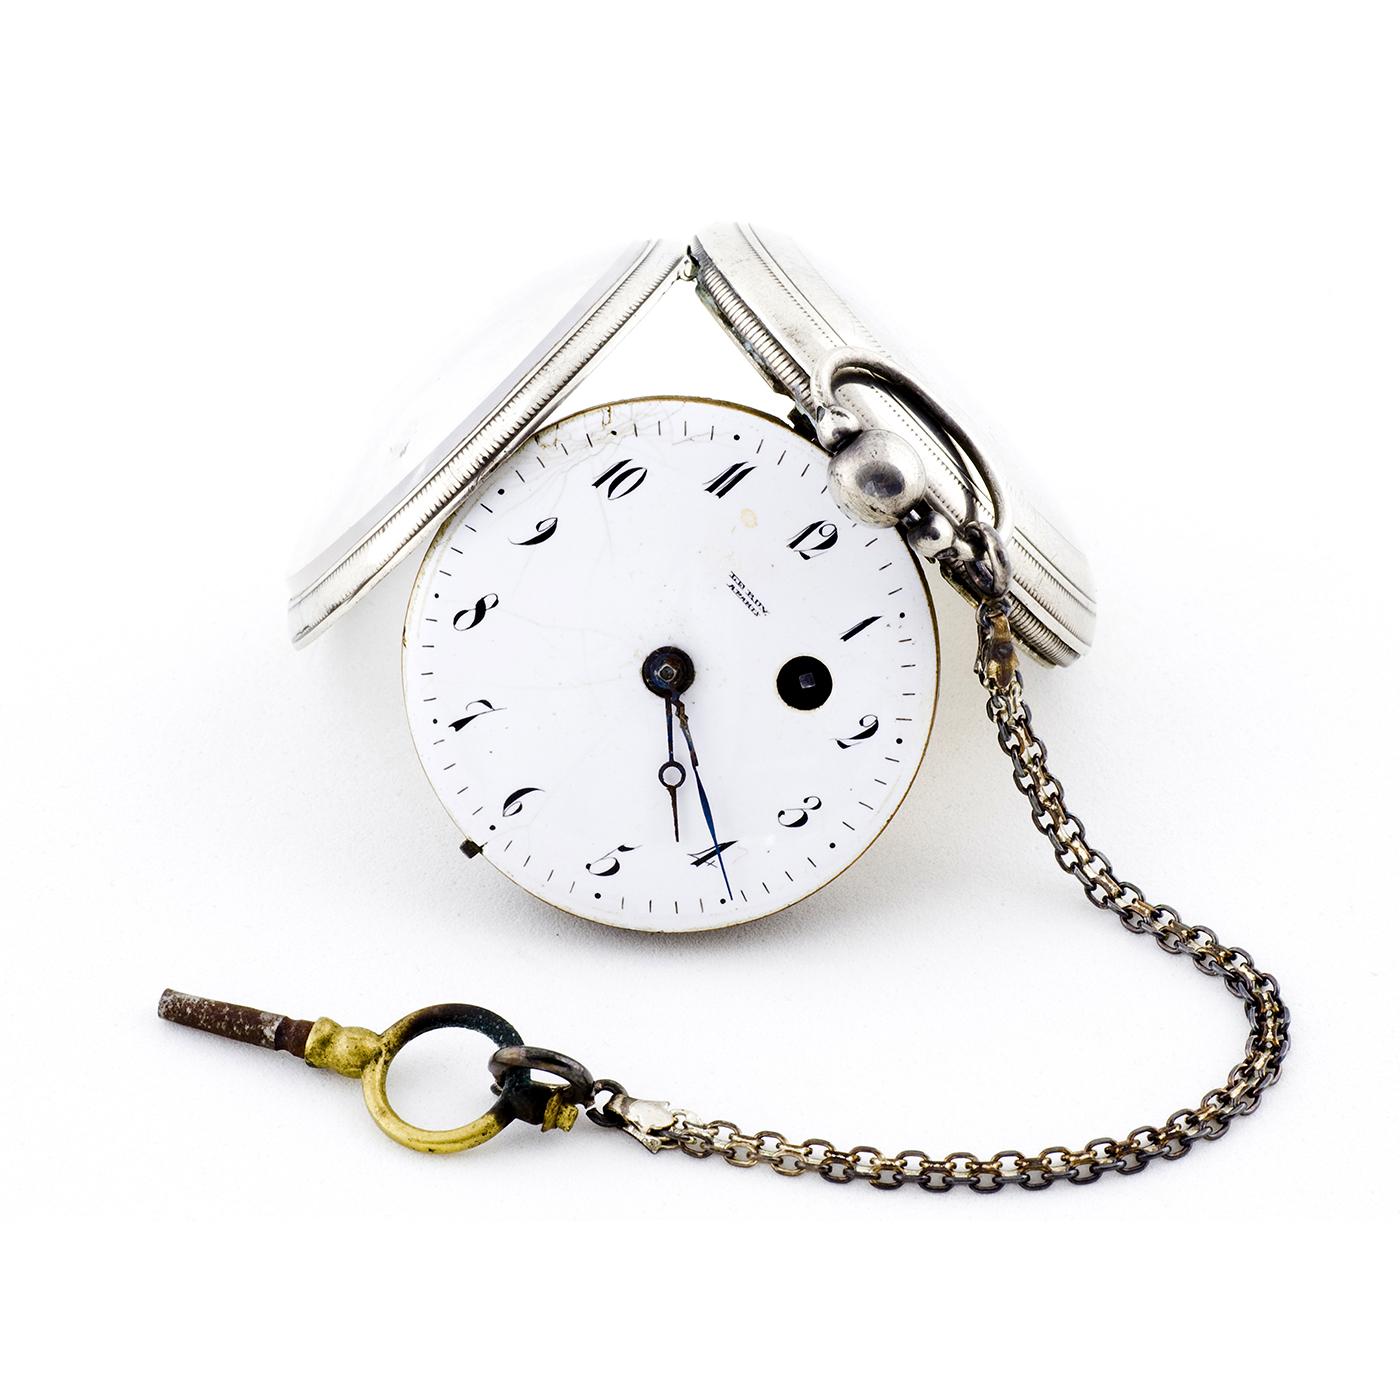 Reloj de bolsillo, lepine, Verge Fusee (Catalino), para caballero. Pps.siglo XIX